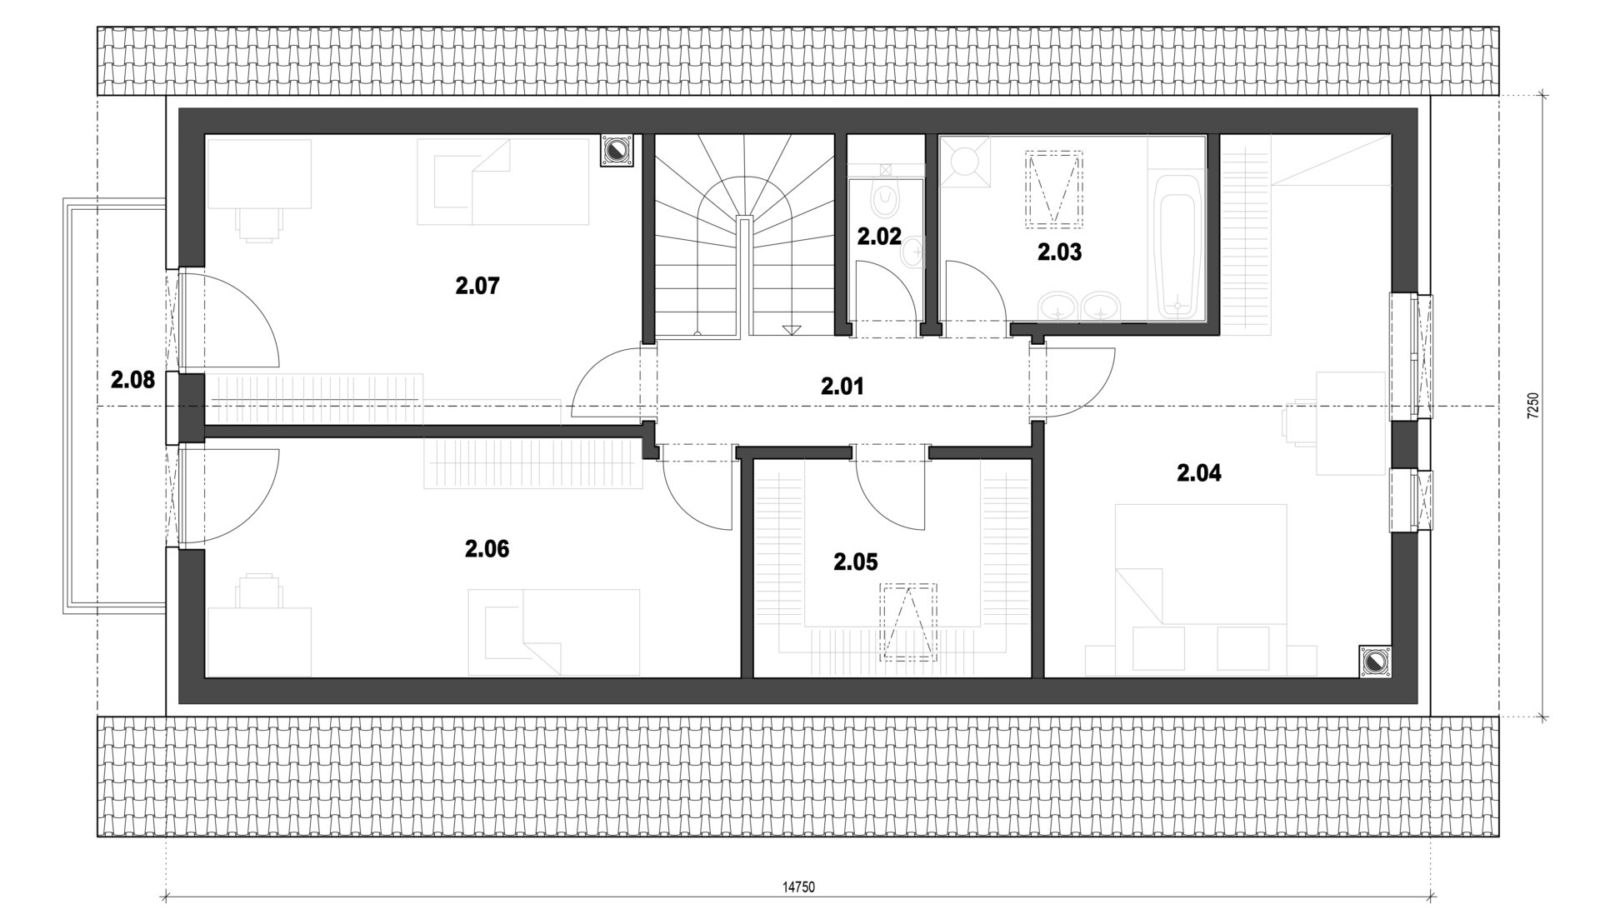 Rodinný dom 13 2. nadzemné podlažie pôdorys